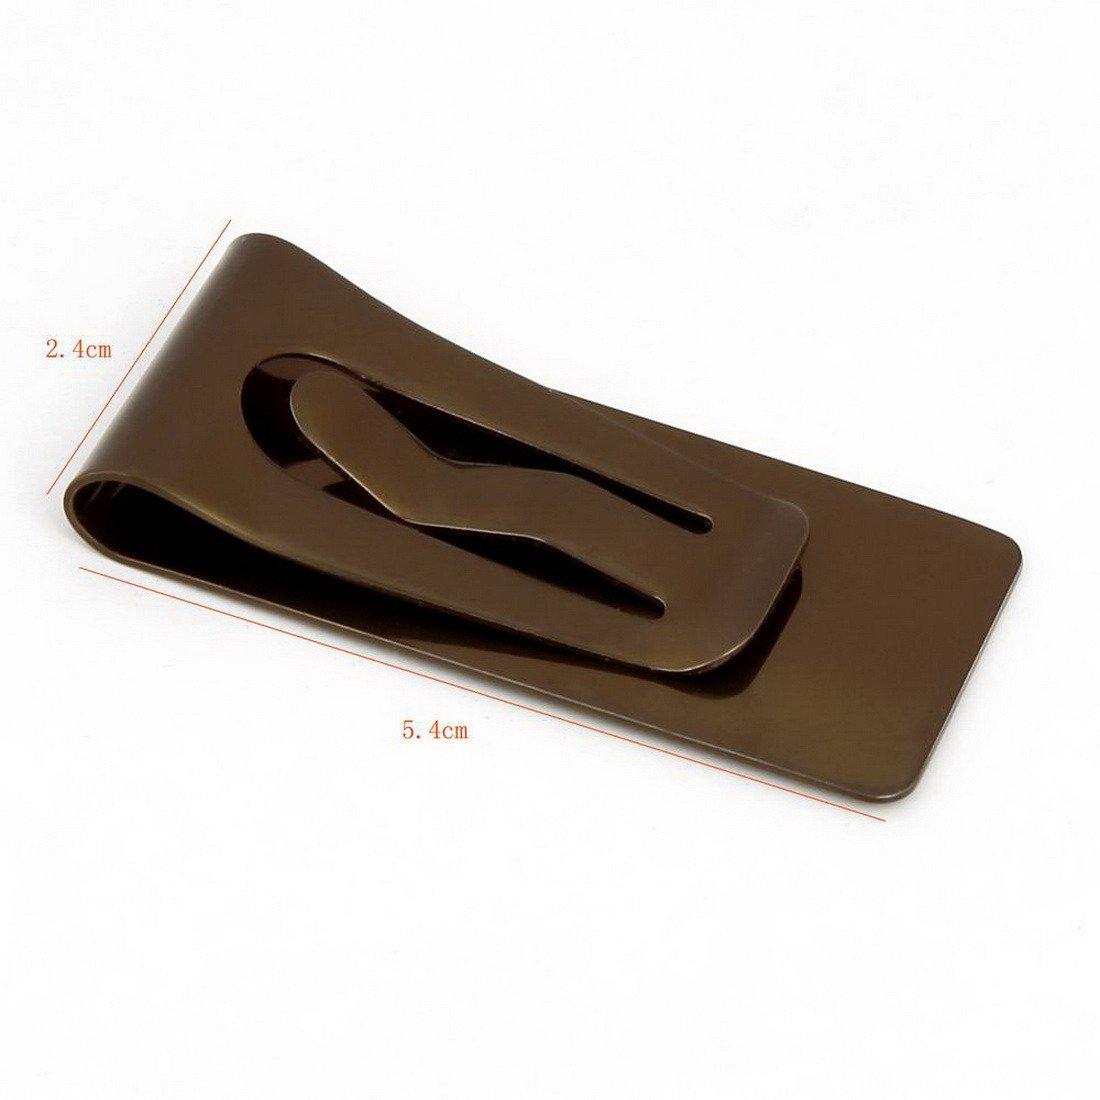 MC1024 Regalos de Cumplea?os Hombre Chocolate Sillšªn Brown Rectš¢ngulo Silm dinero Clip Regalos de lujo para los hombres Por Y&G: Amazon.es: Ropa y ...